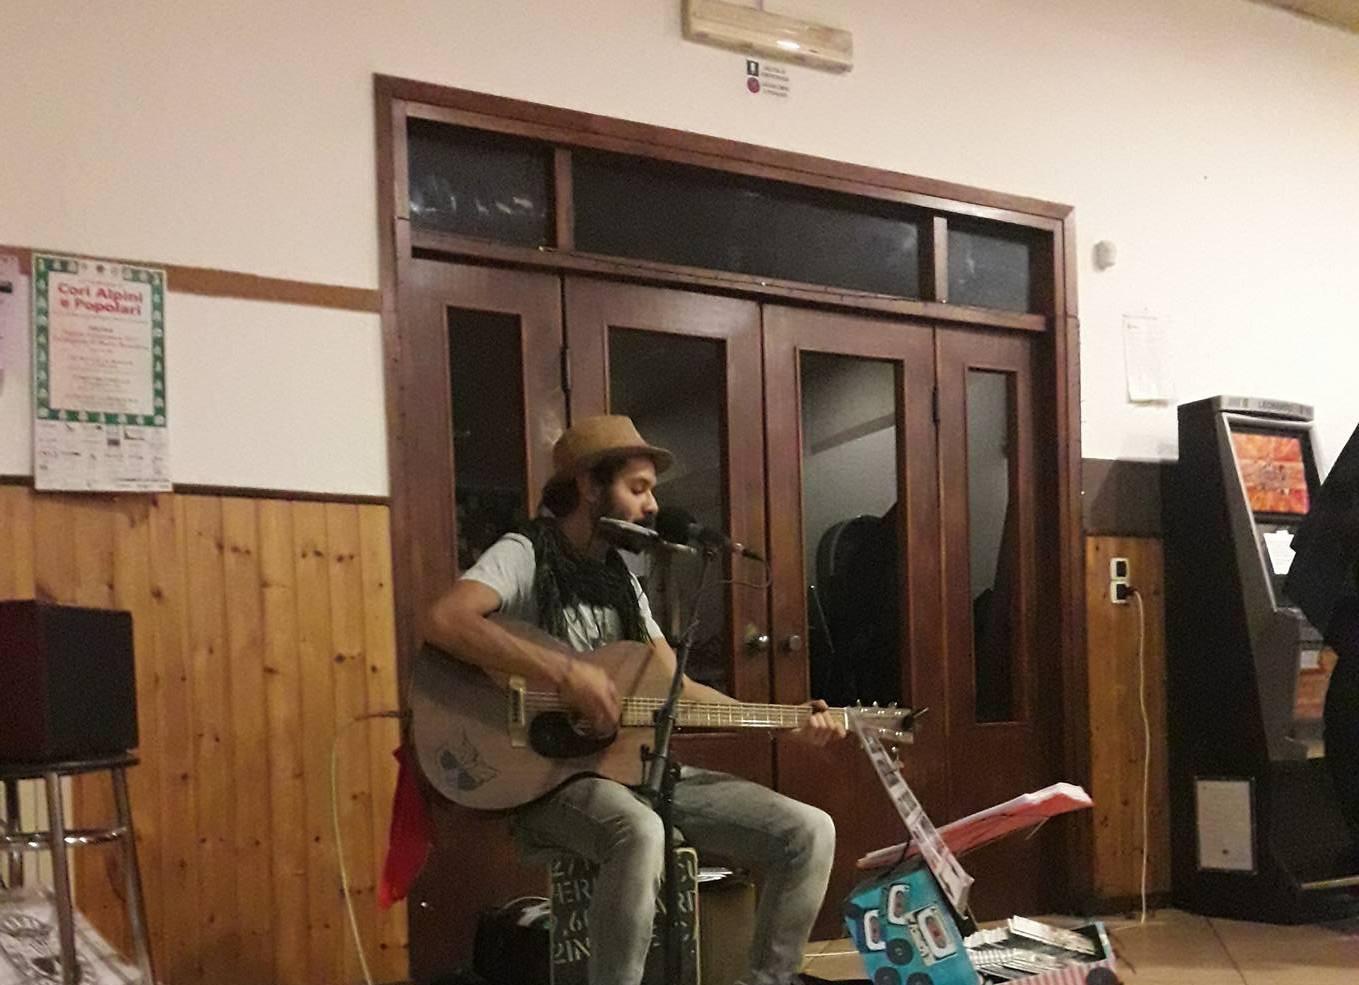 20171209_b_Locale_CircoloDormelletto (2)